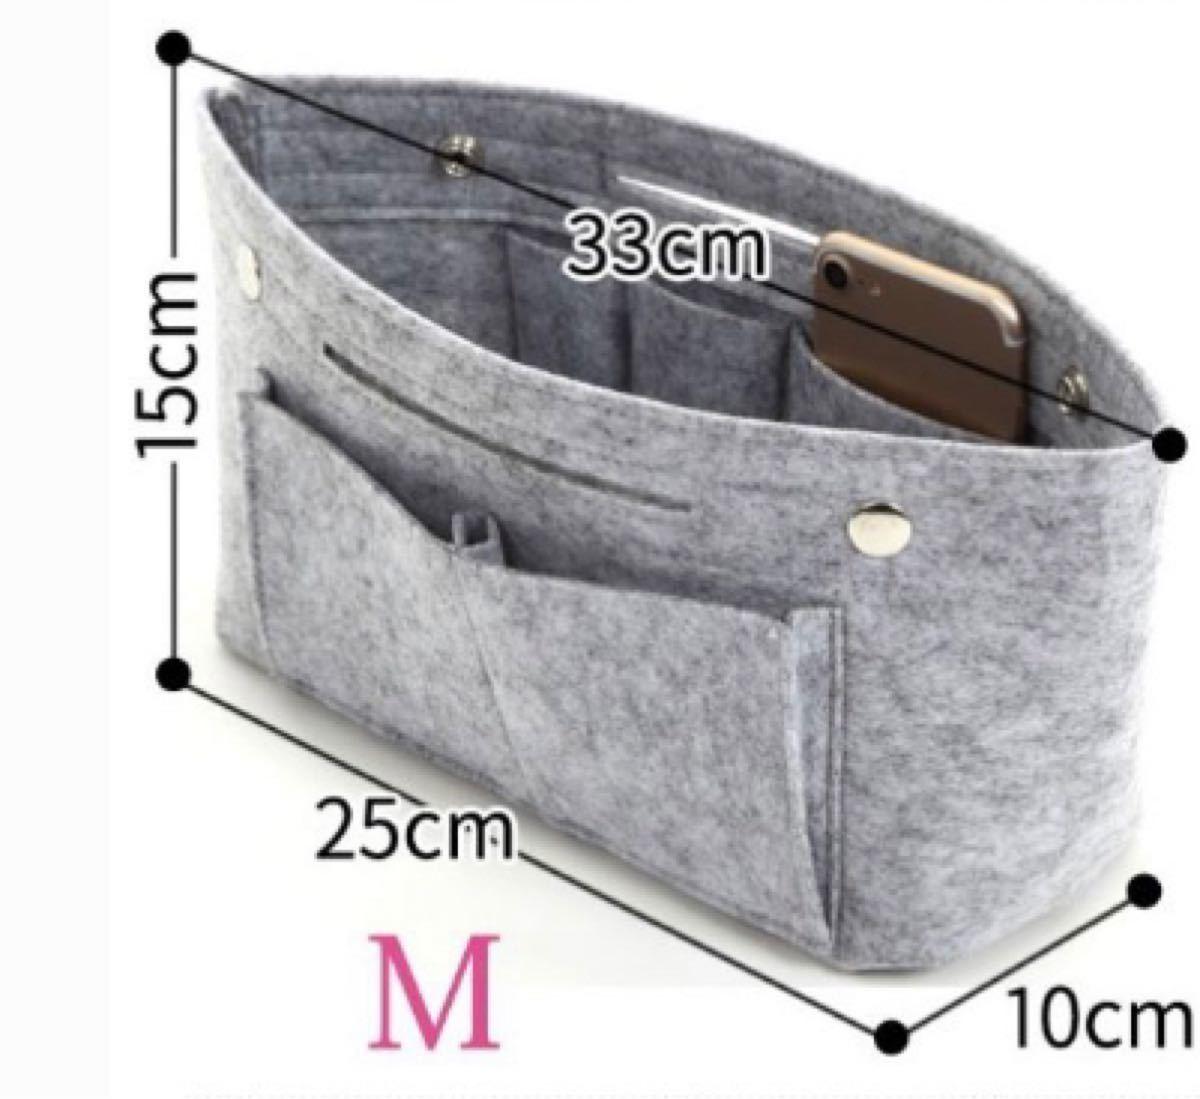 バッグインバッグ 新品未使用 フェルト 無印良品 整理整頓